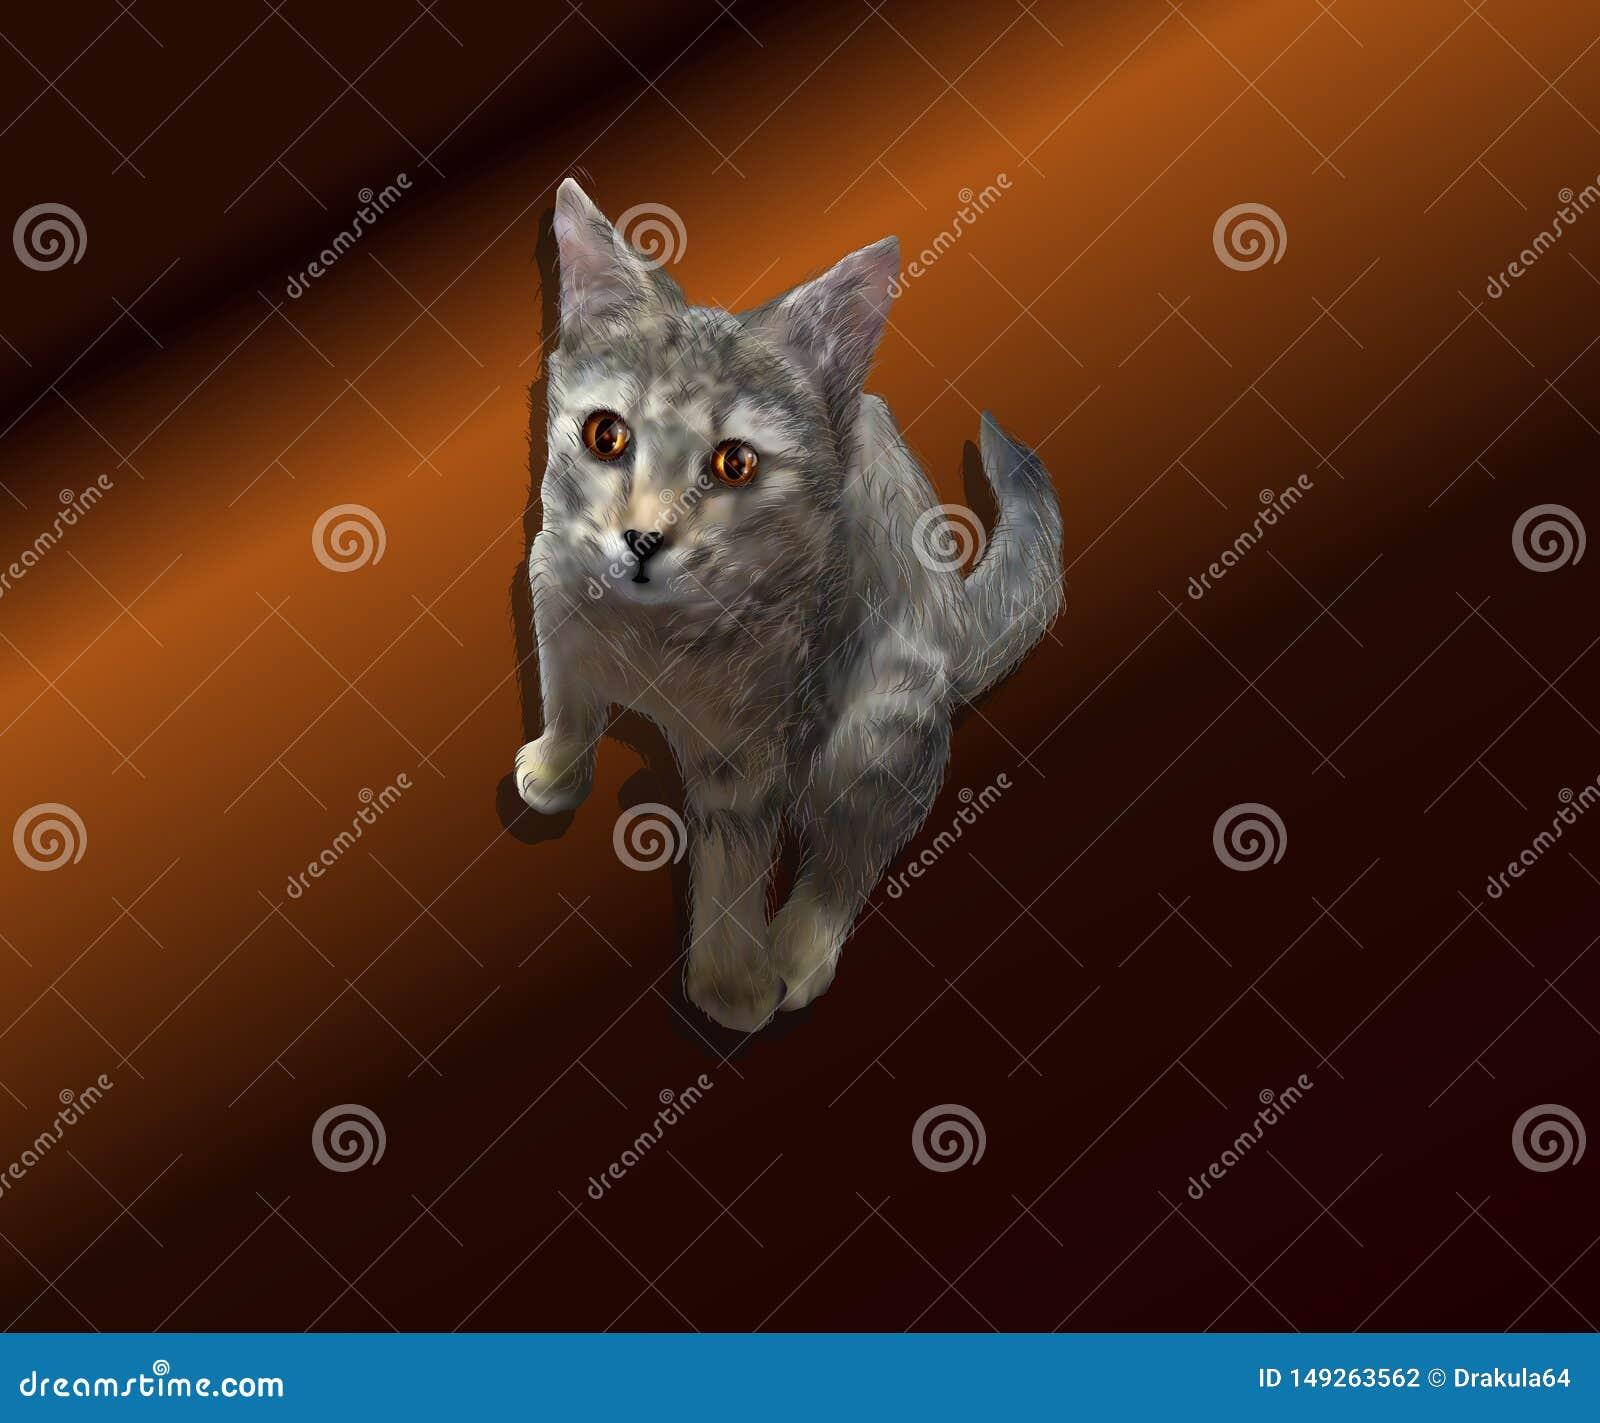 Realistische Illustration eines Kätzchens auf einem braunen Hintergrund